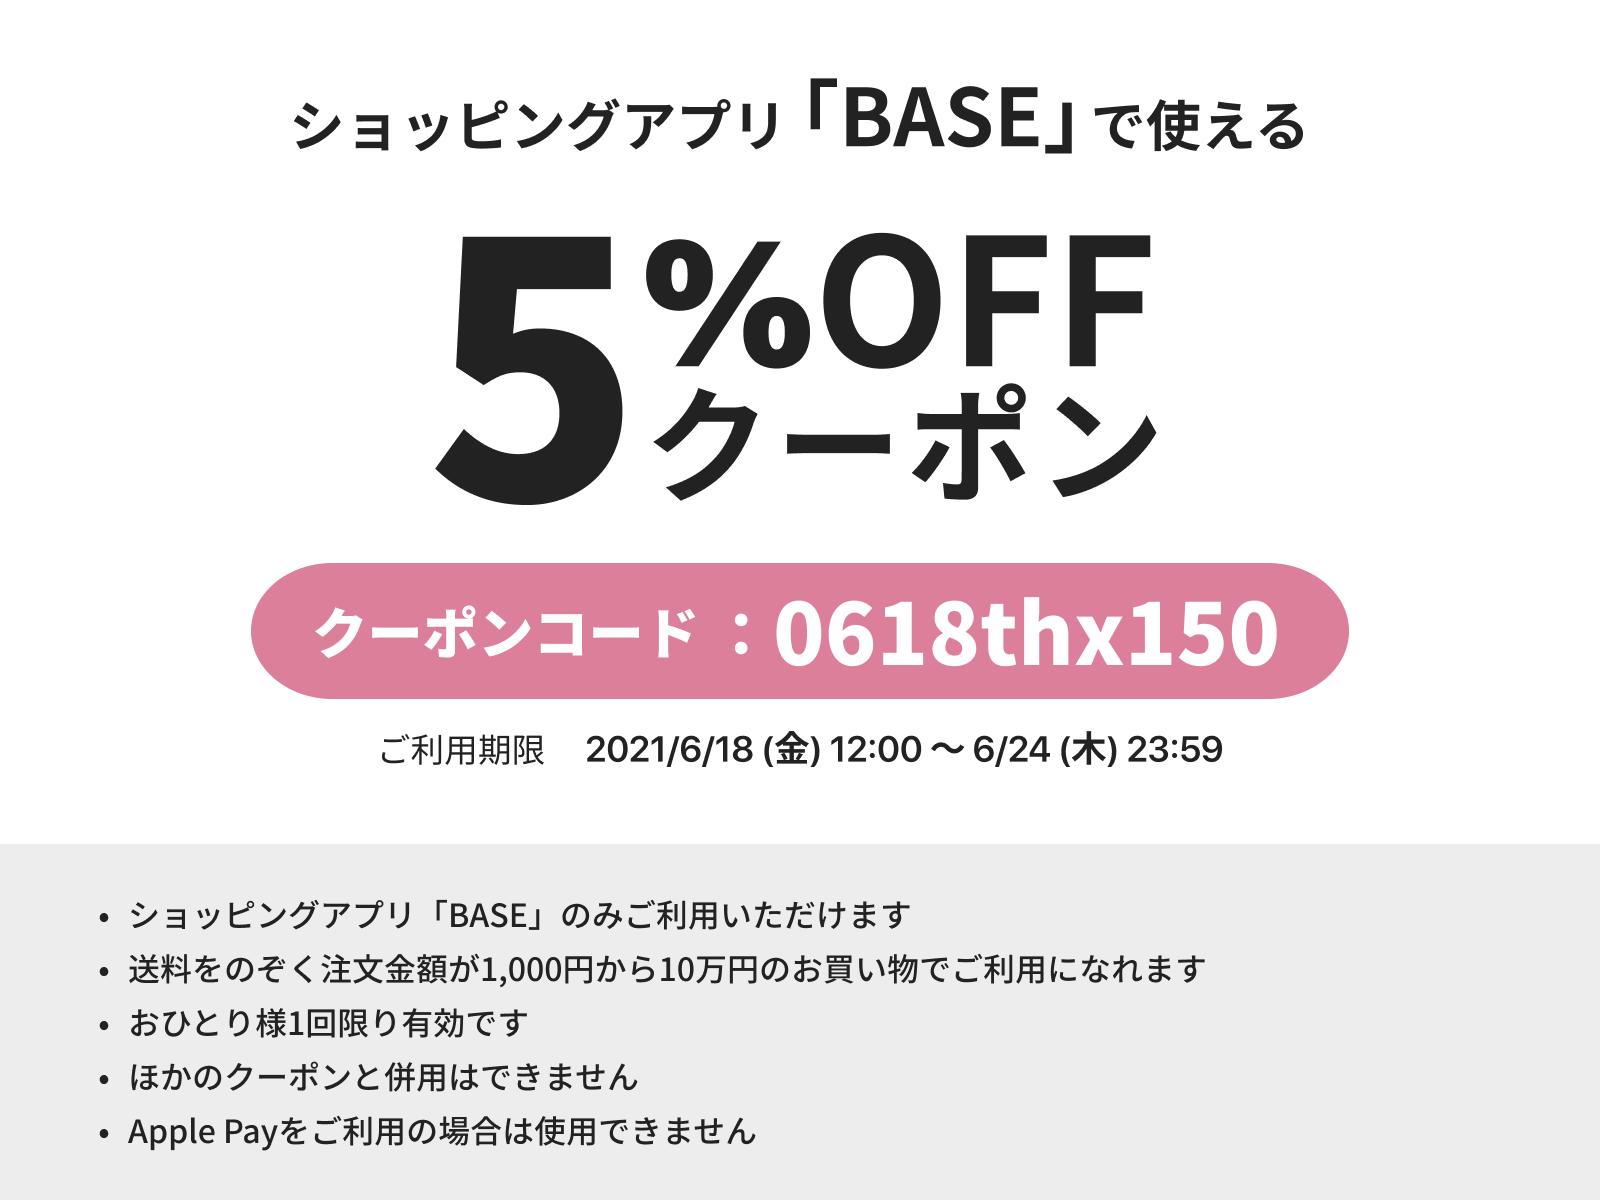 【6/24まで】ショッピングクーポンのお知らせ